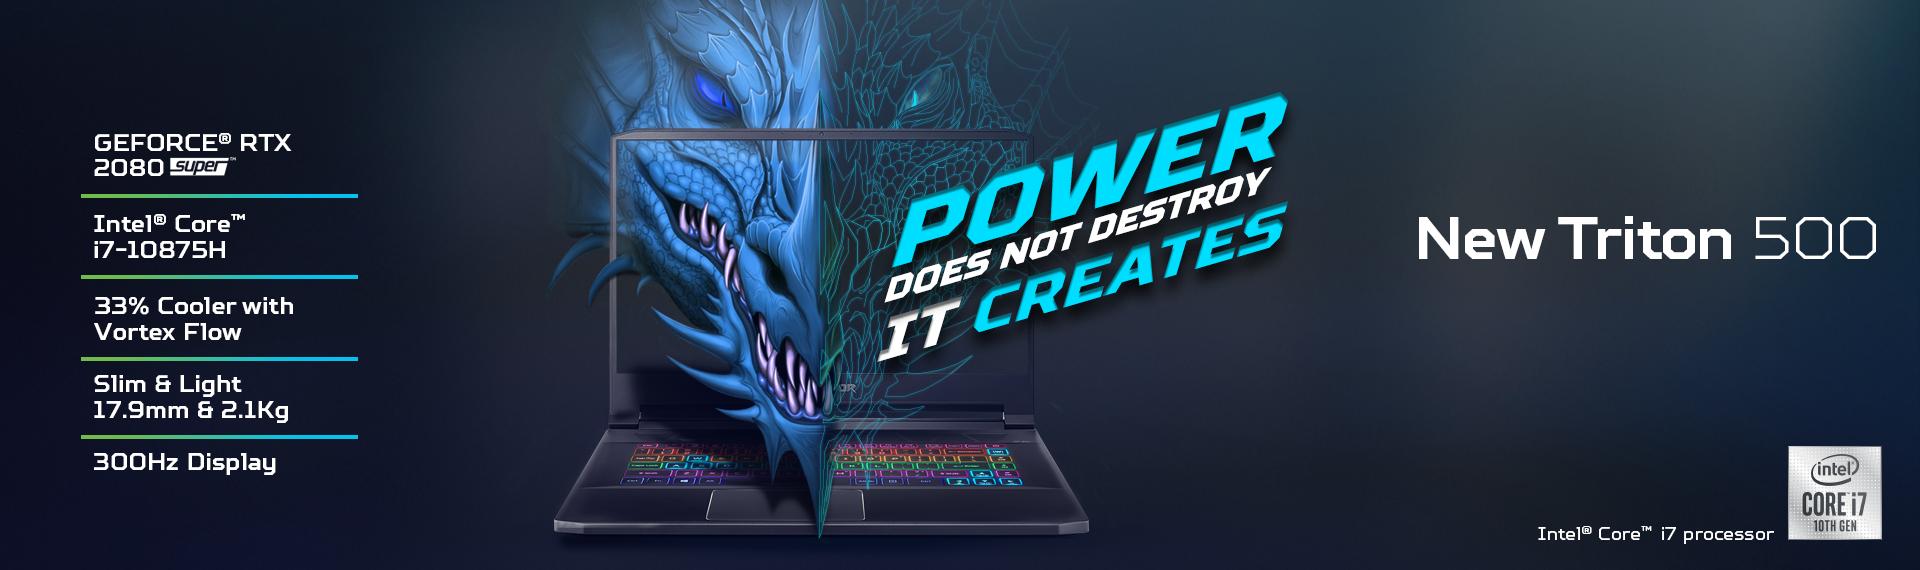 Predator Triton 500 Intel 10th Gen, Laptop Gaming Terbaik dengan Performa Mutakhir